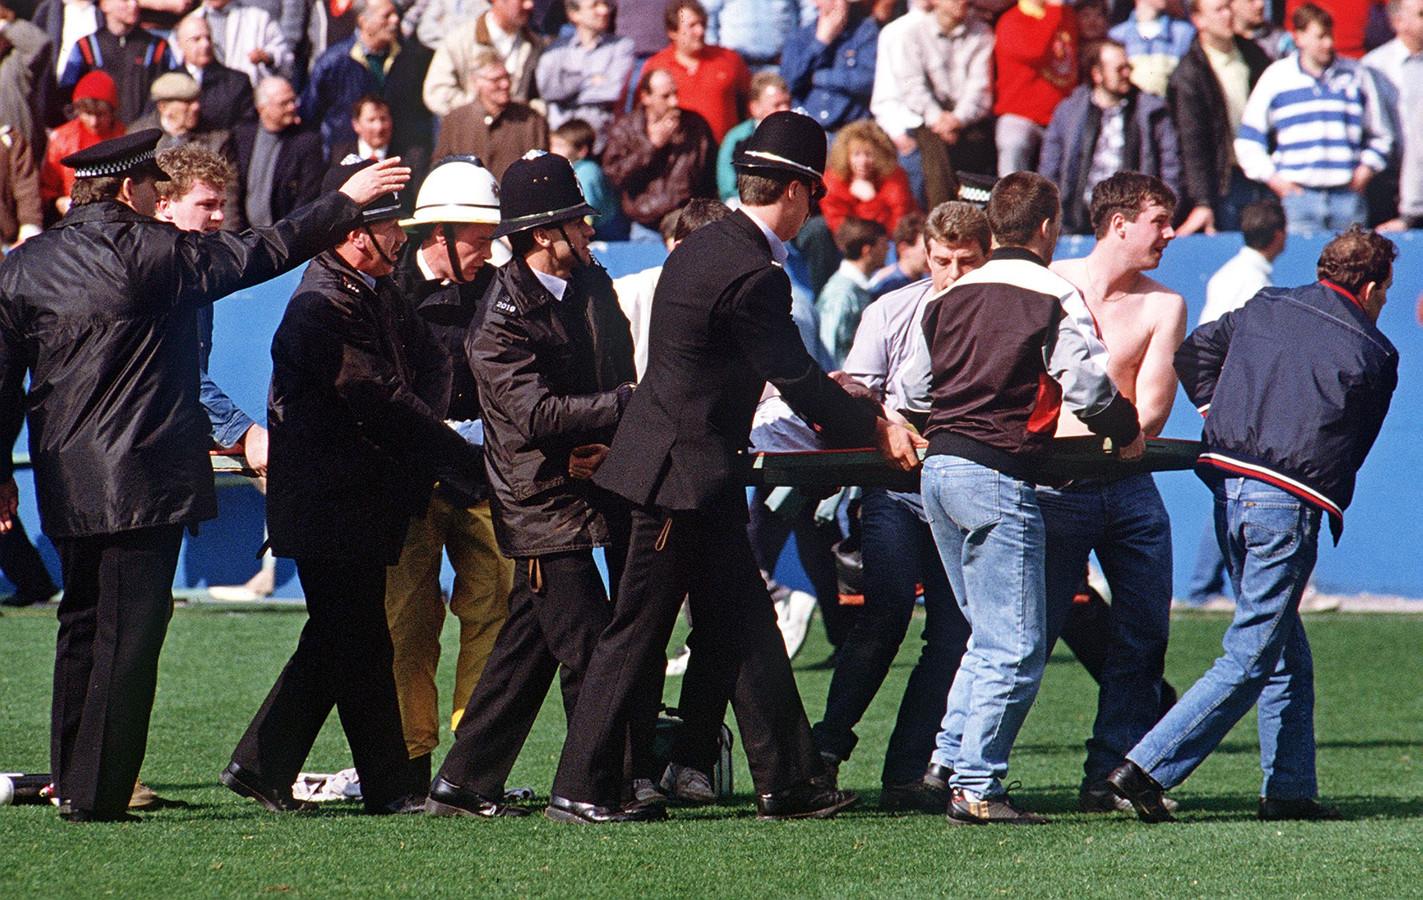 15 april 1989: supporters en agenten dragen op een reclamebord een gewonde supporter weg. 96 mensen overleefden het gedrum in het stadion niet.